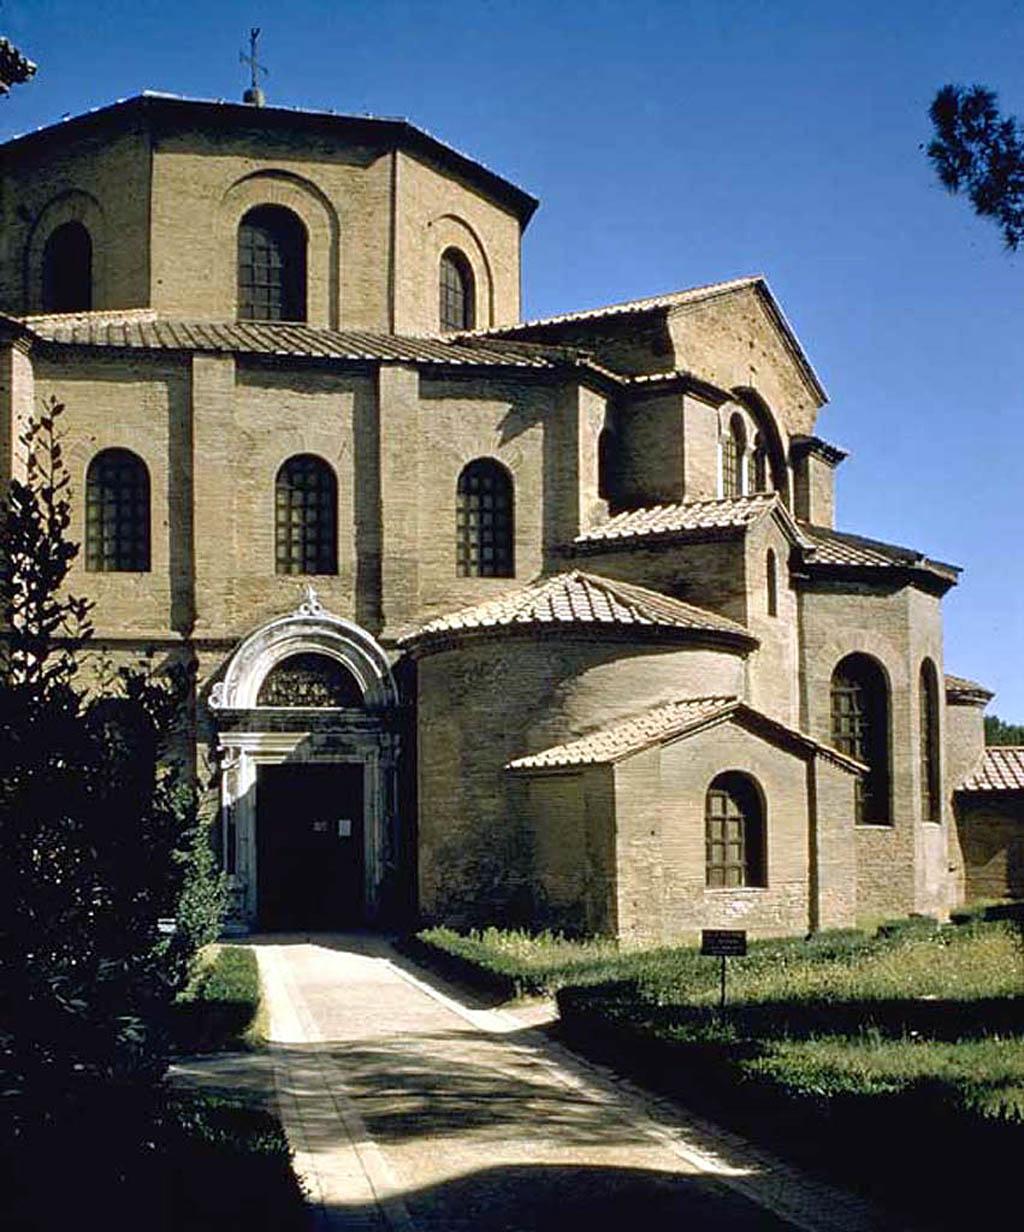 Купить недвижимость в Испании, Италии, Франции, дом в